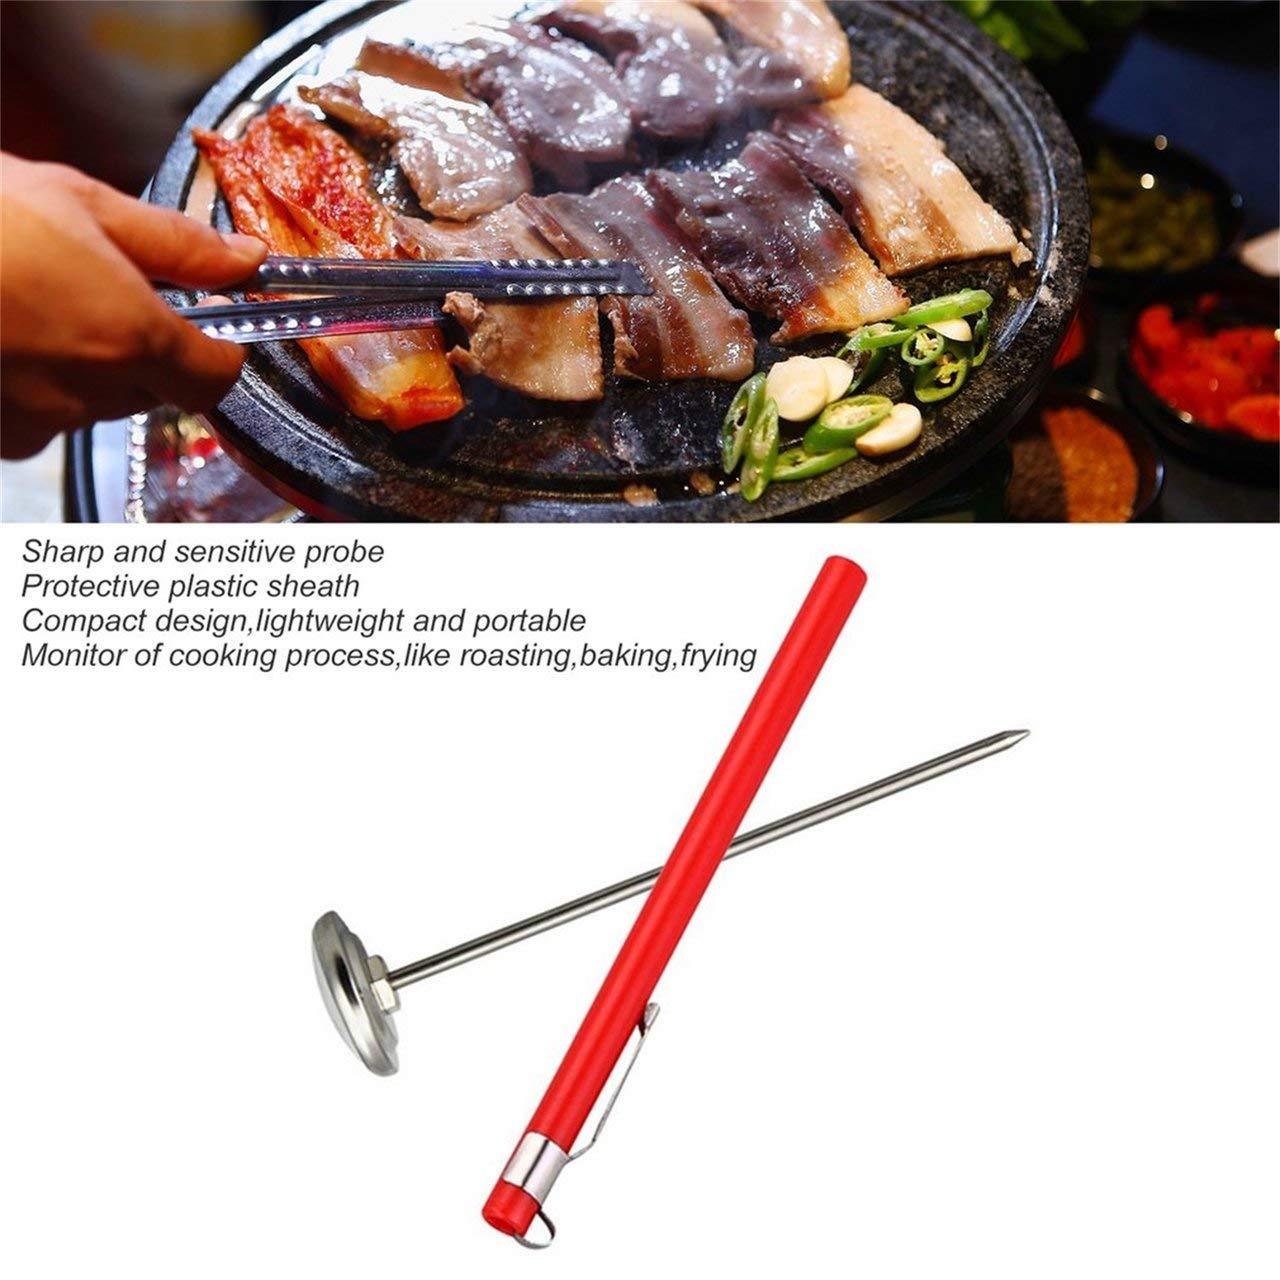 fITtprintse Calibro del termometro della sonda Tascabile dellAcciaio Inossidabile per la Carne della Cucina dellalimento del BBQ Che Cucina la Carne di Lettura istantanea del manometro